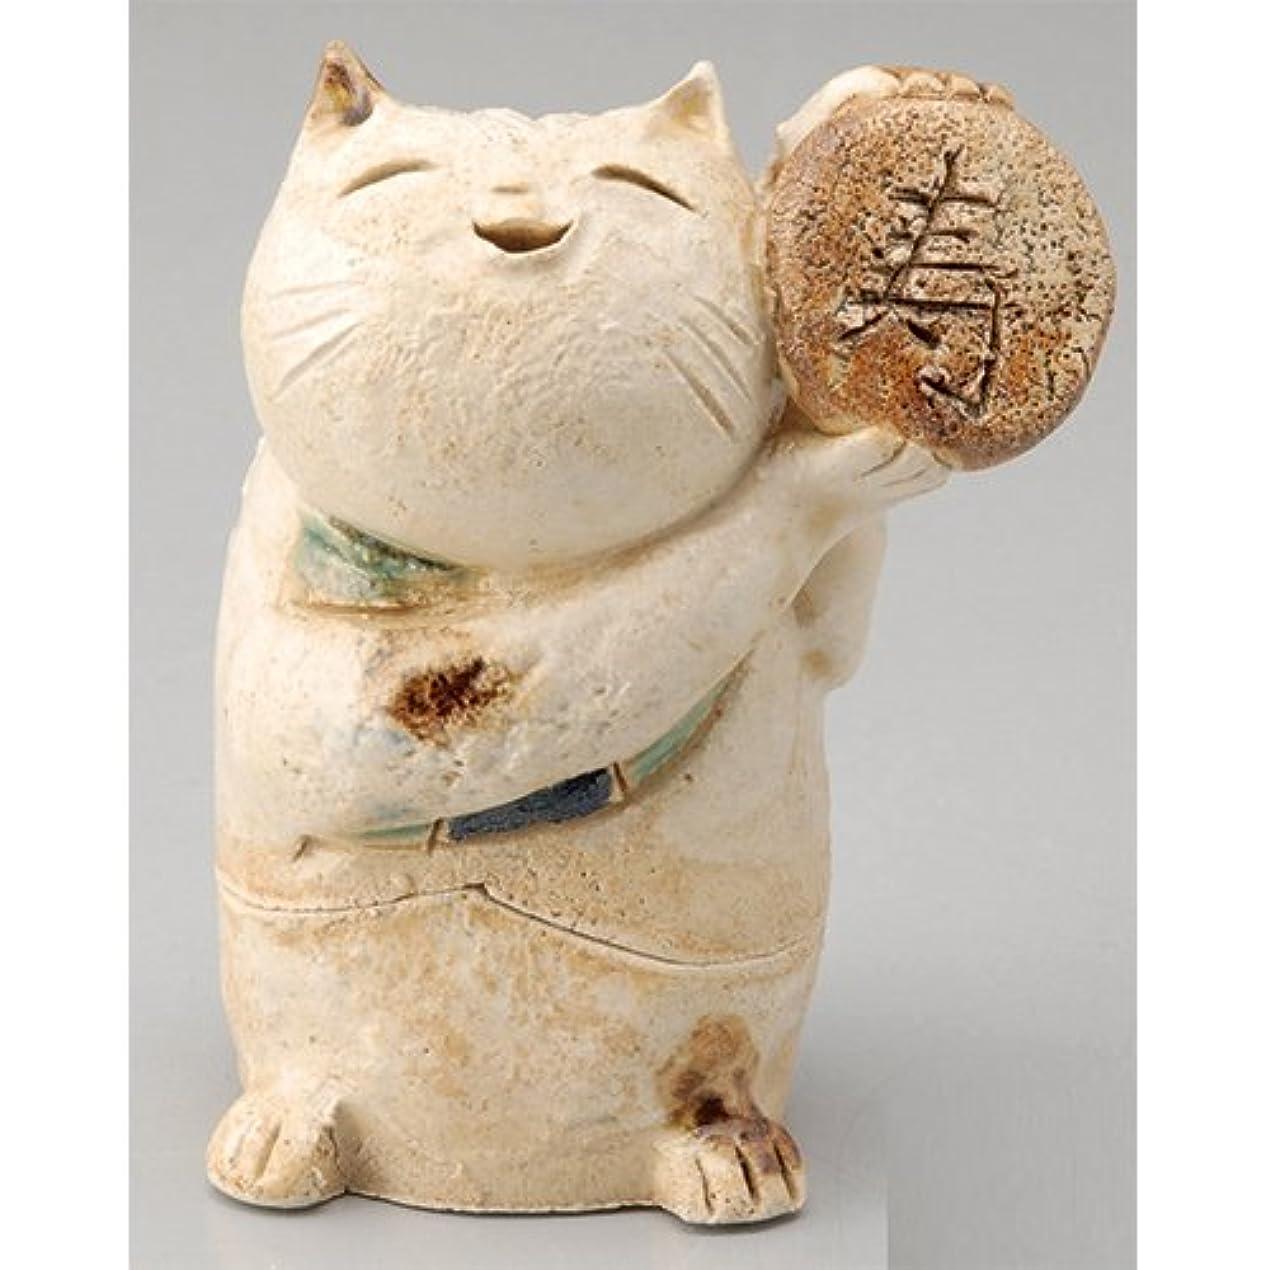 ページェント熟達した床を掃除する香炉 ごえん猫 香炉(寿) [H8cm] HANDMADE プレゼント ギフト 和食器 かわいい インテリア